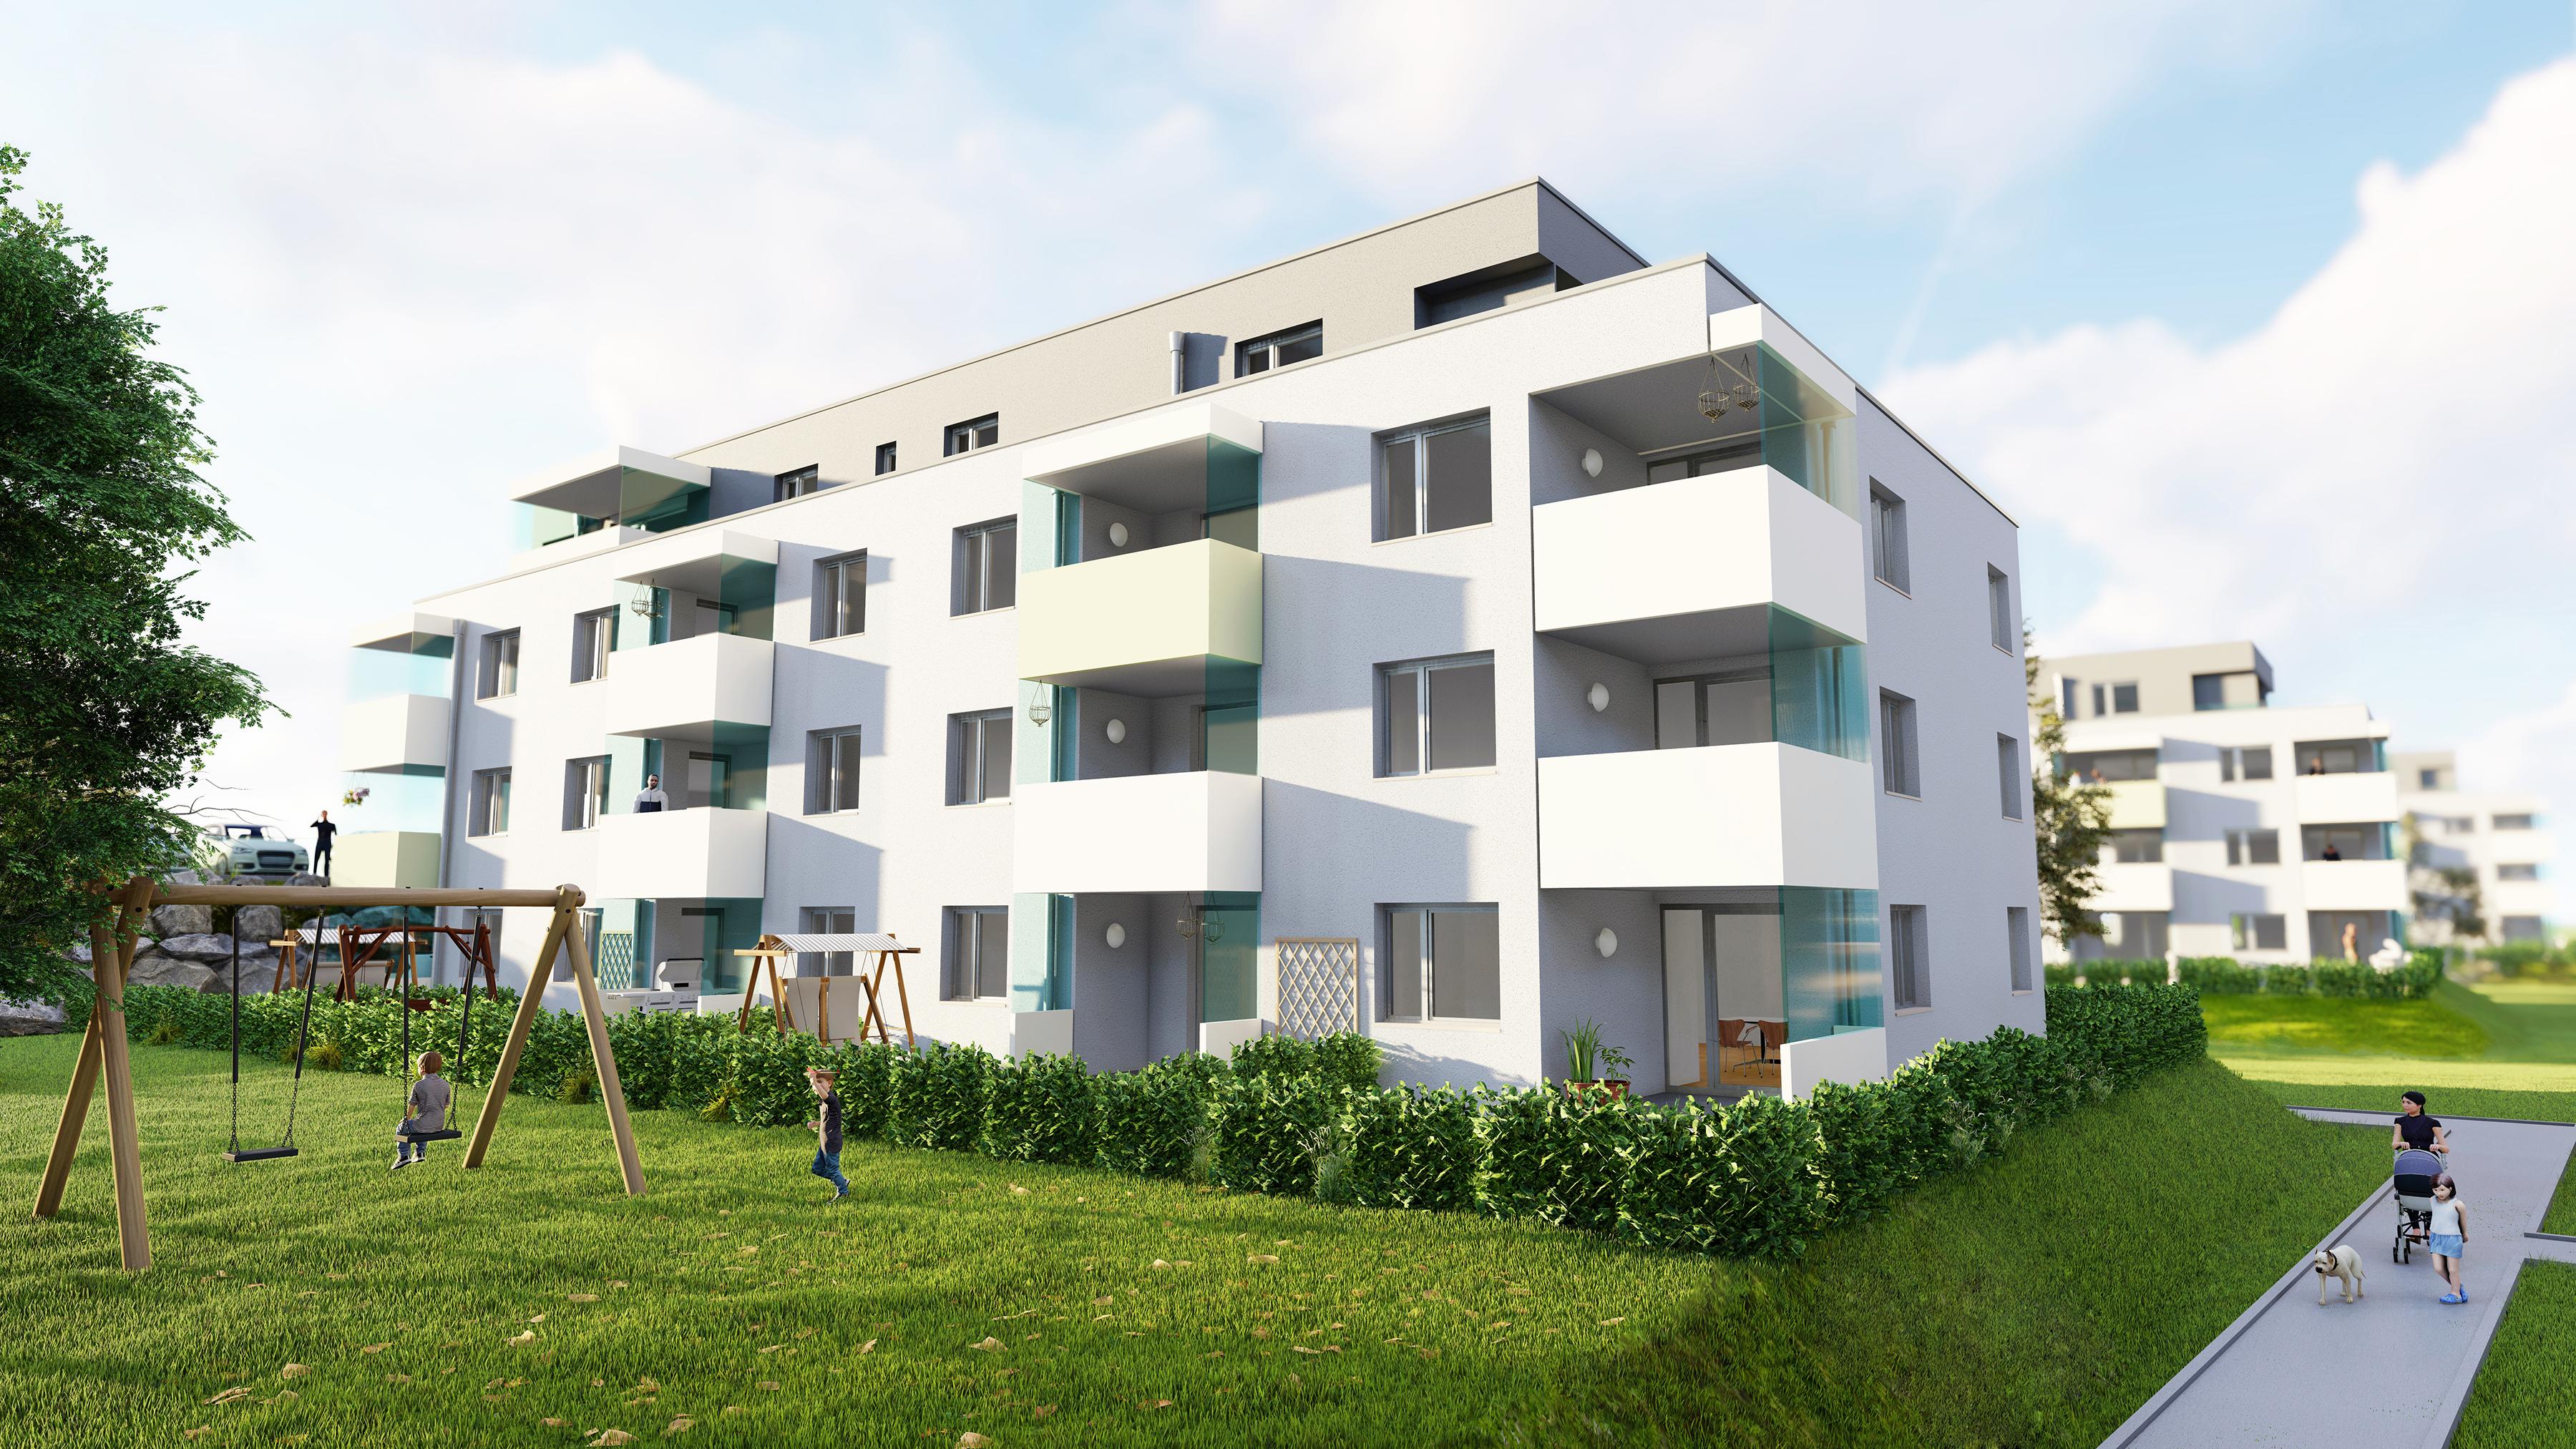 Immobilie von Lebensräume in 4490 St. Florian, Karl-Geisz-Straße 11 - 6.1 / EG #0